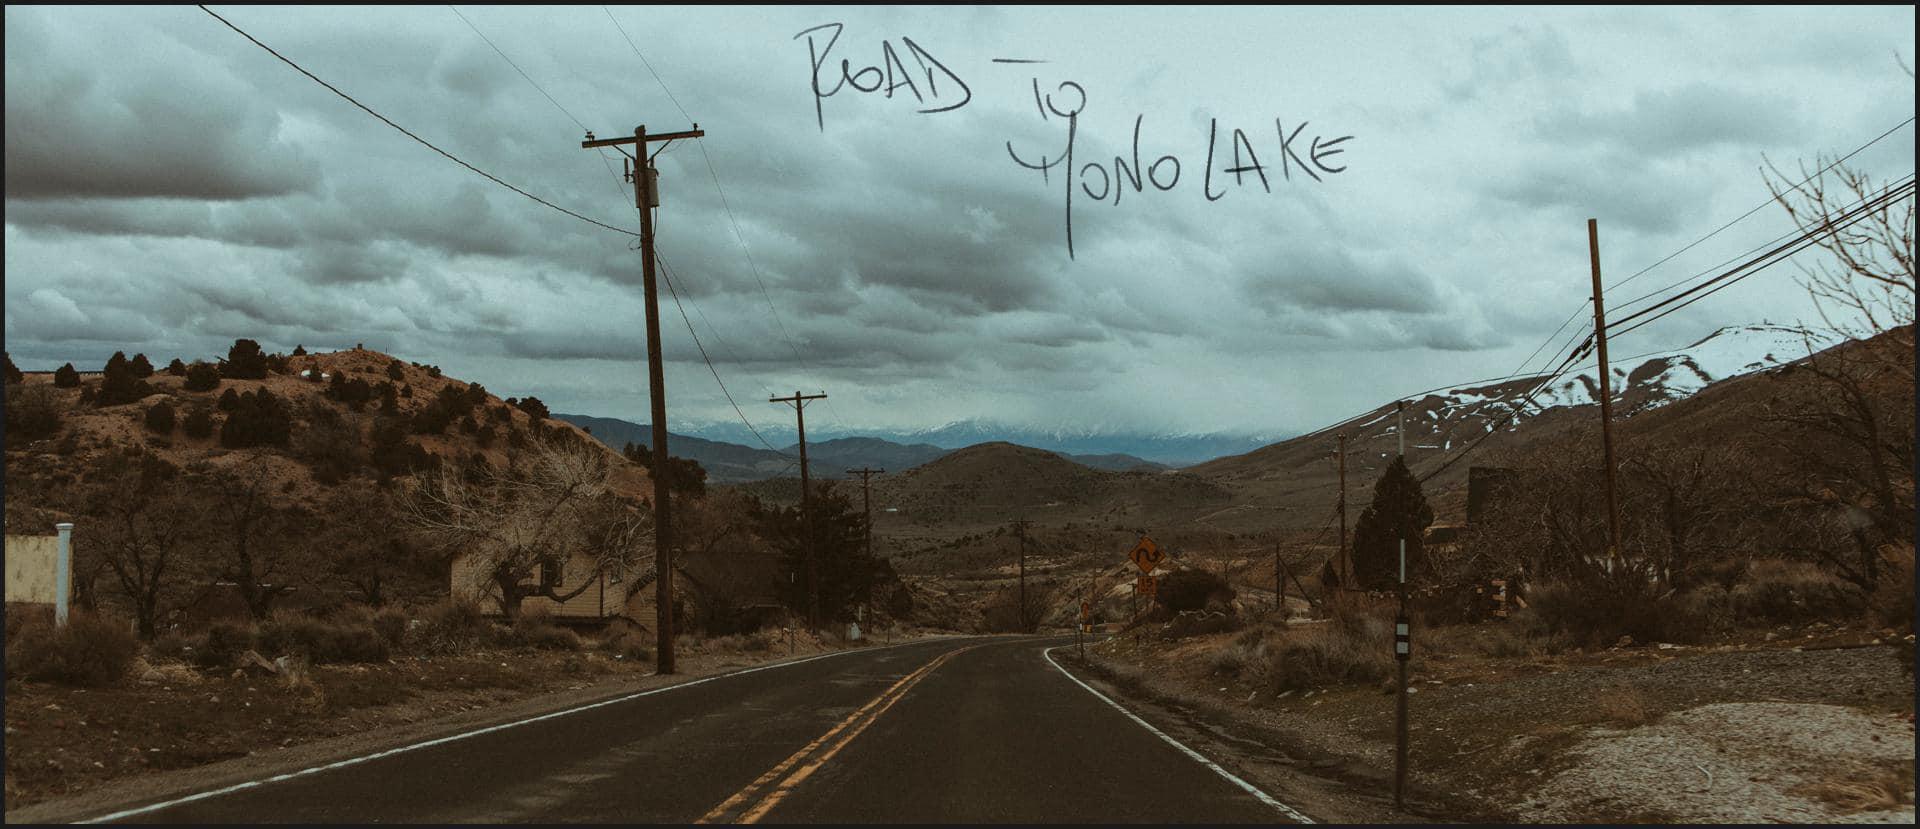 california, road trip, driving